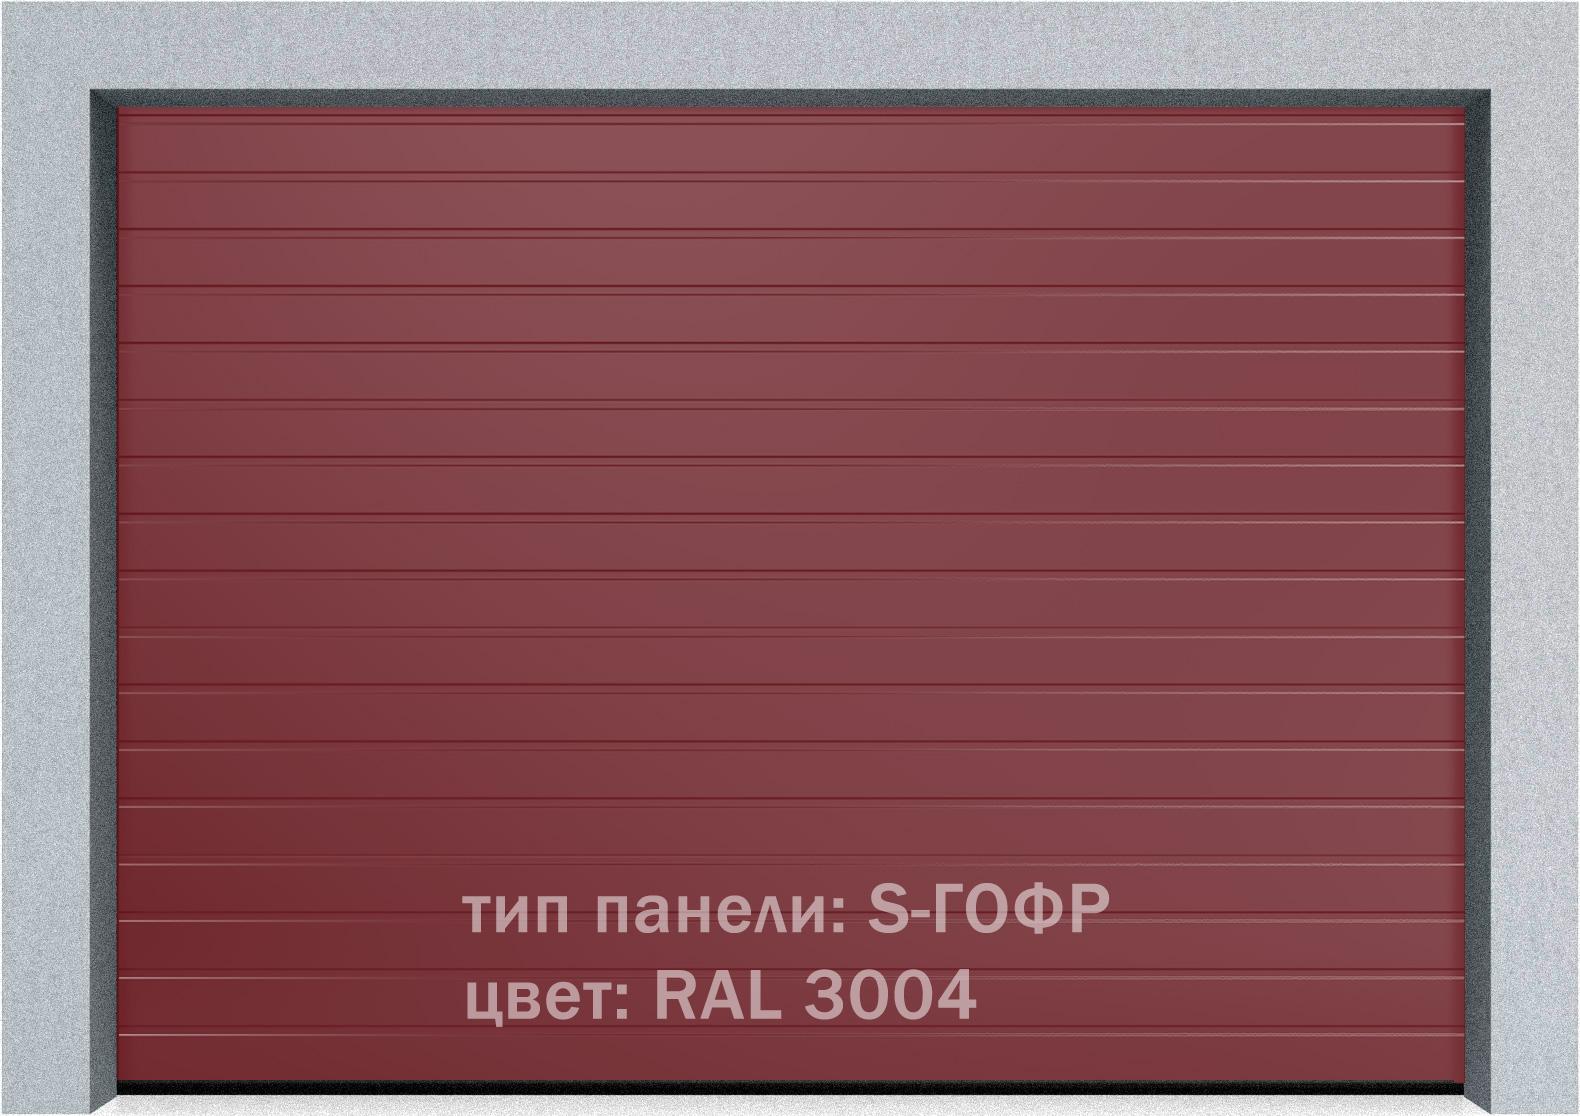 Секционные промышленные ворота Alutech ProTrend 2875х2375 S-гофр, Микроволна стандартные цвета, фото 5